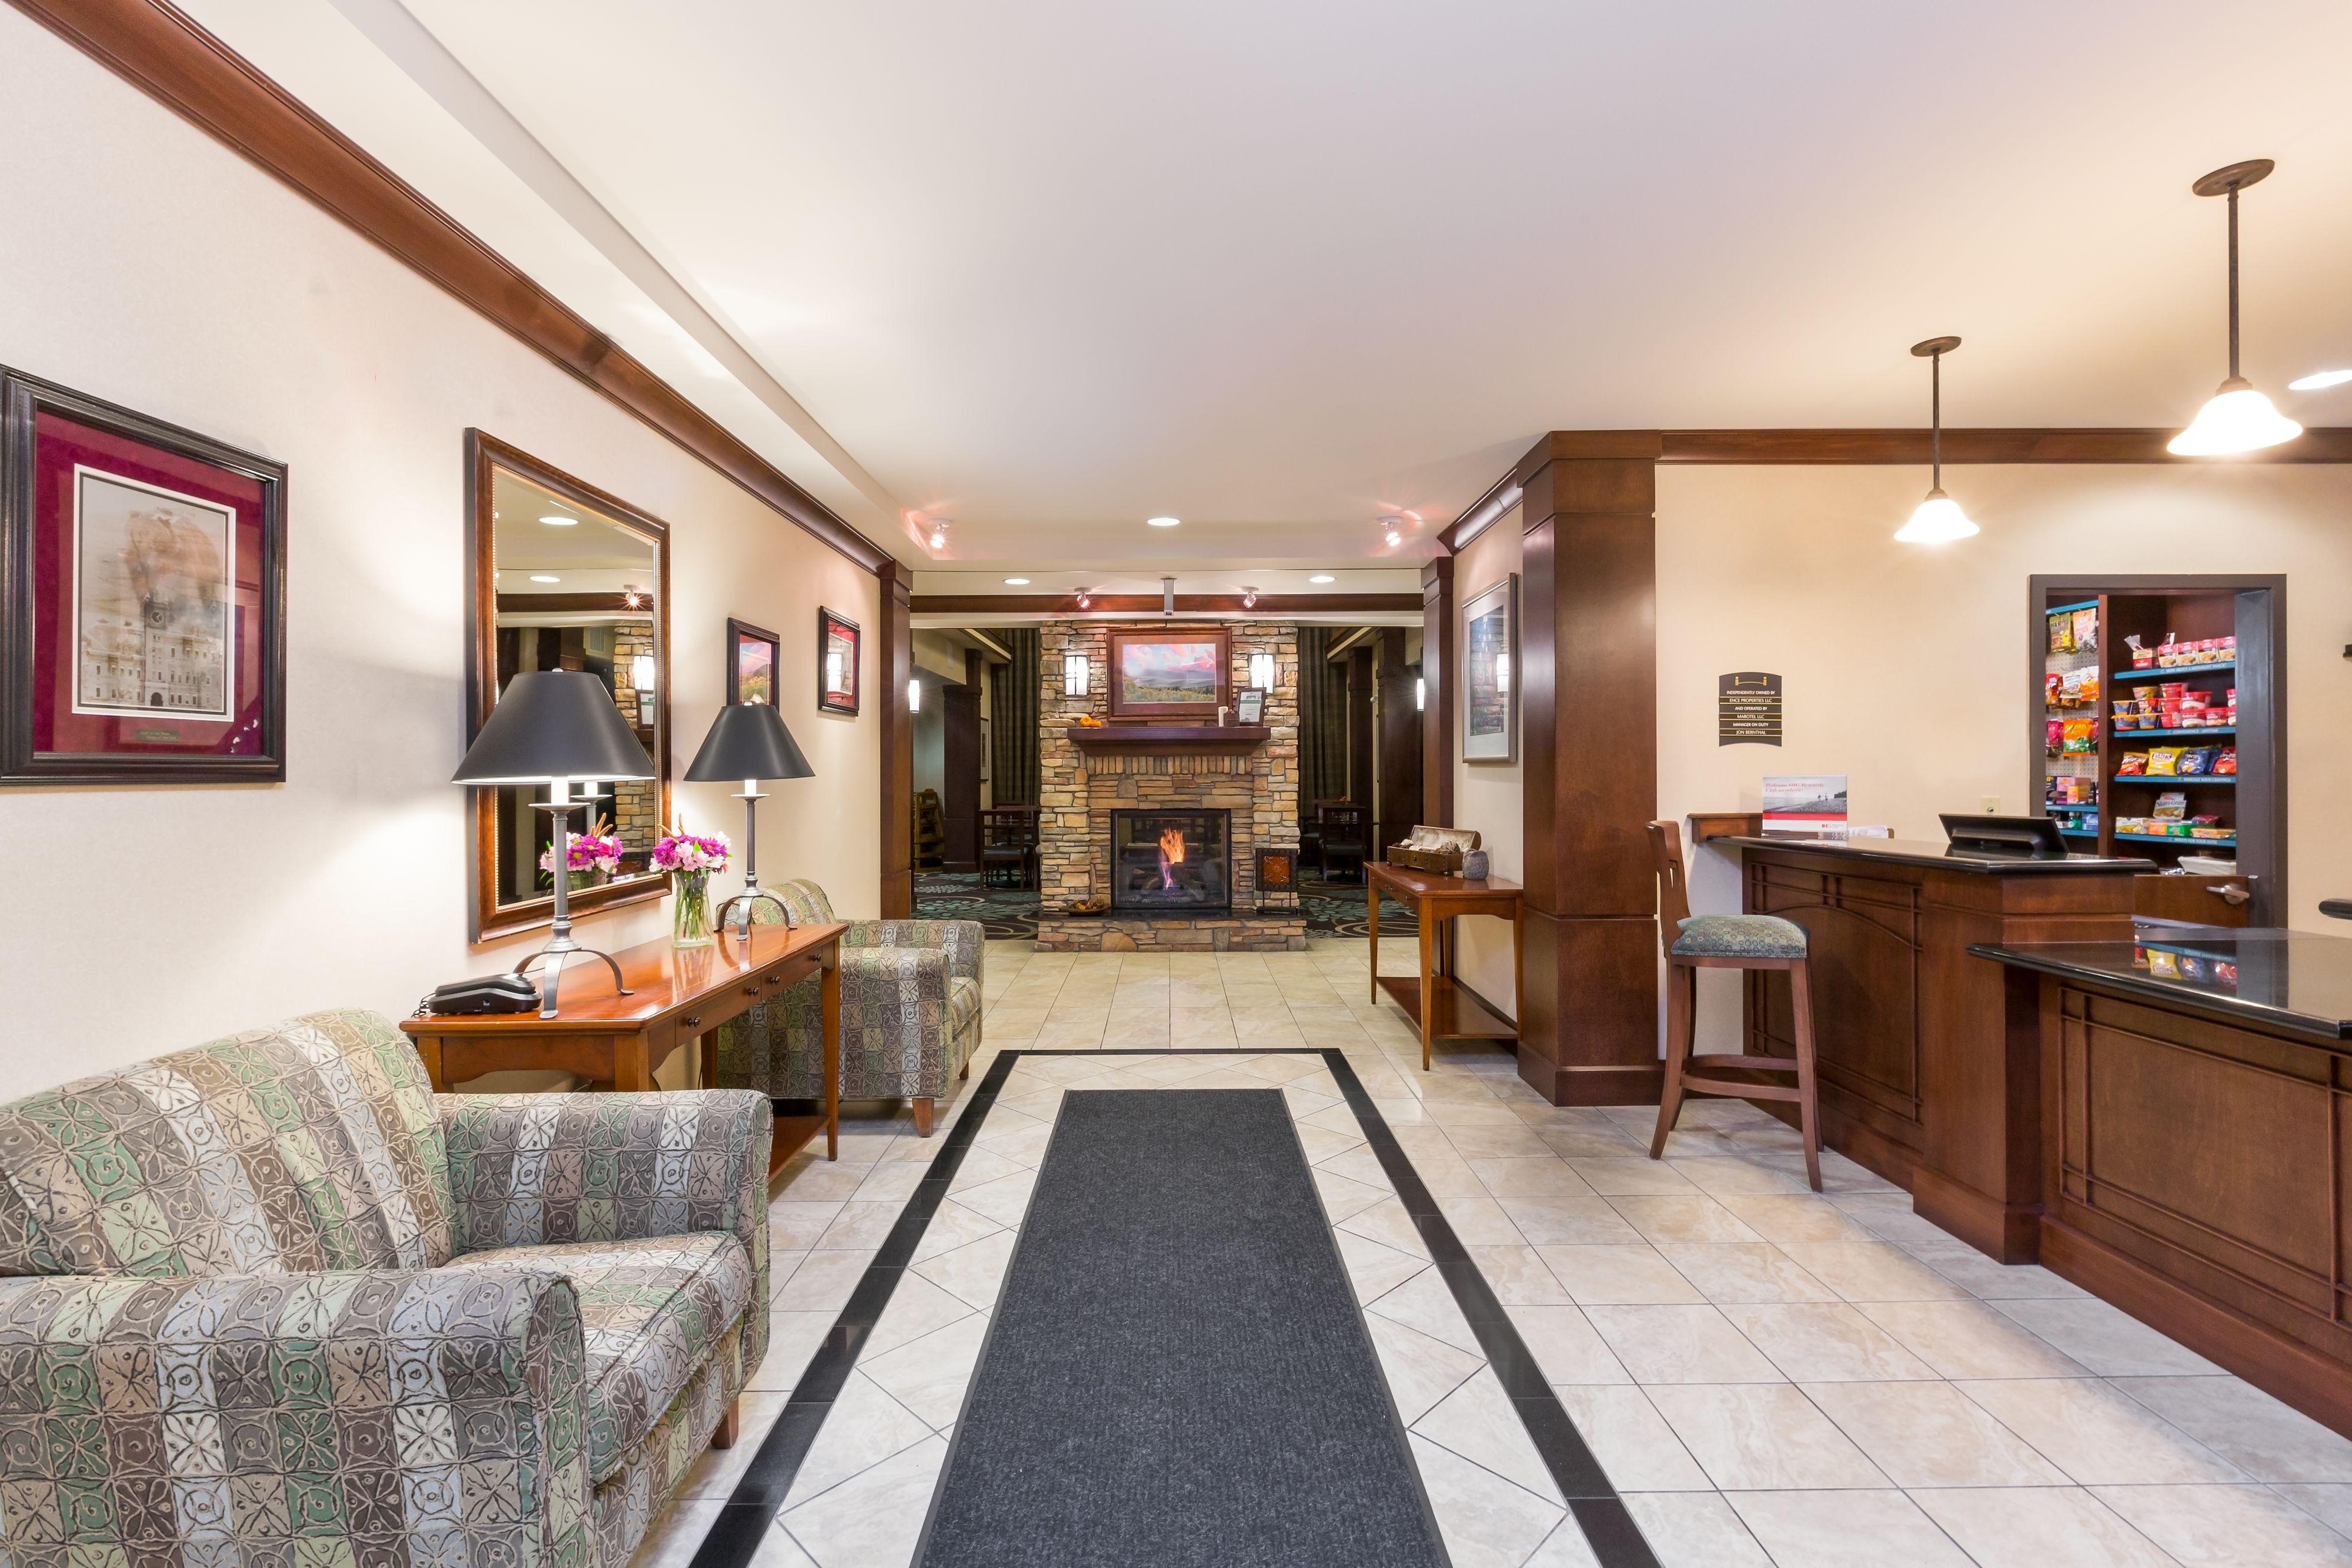 Staybridge Suites Missoula image 6